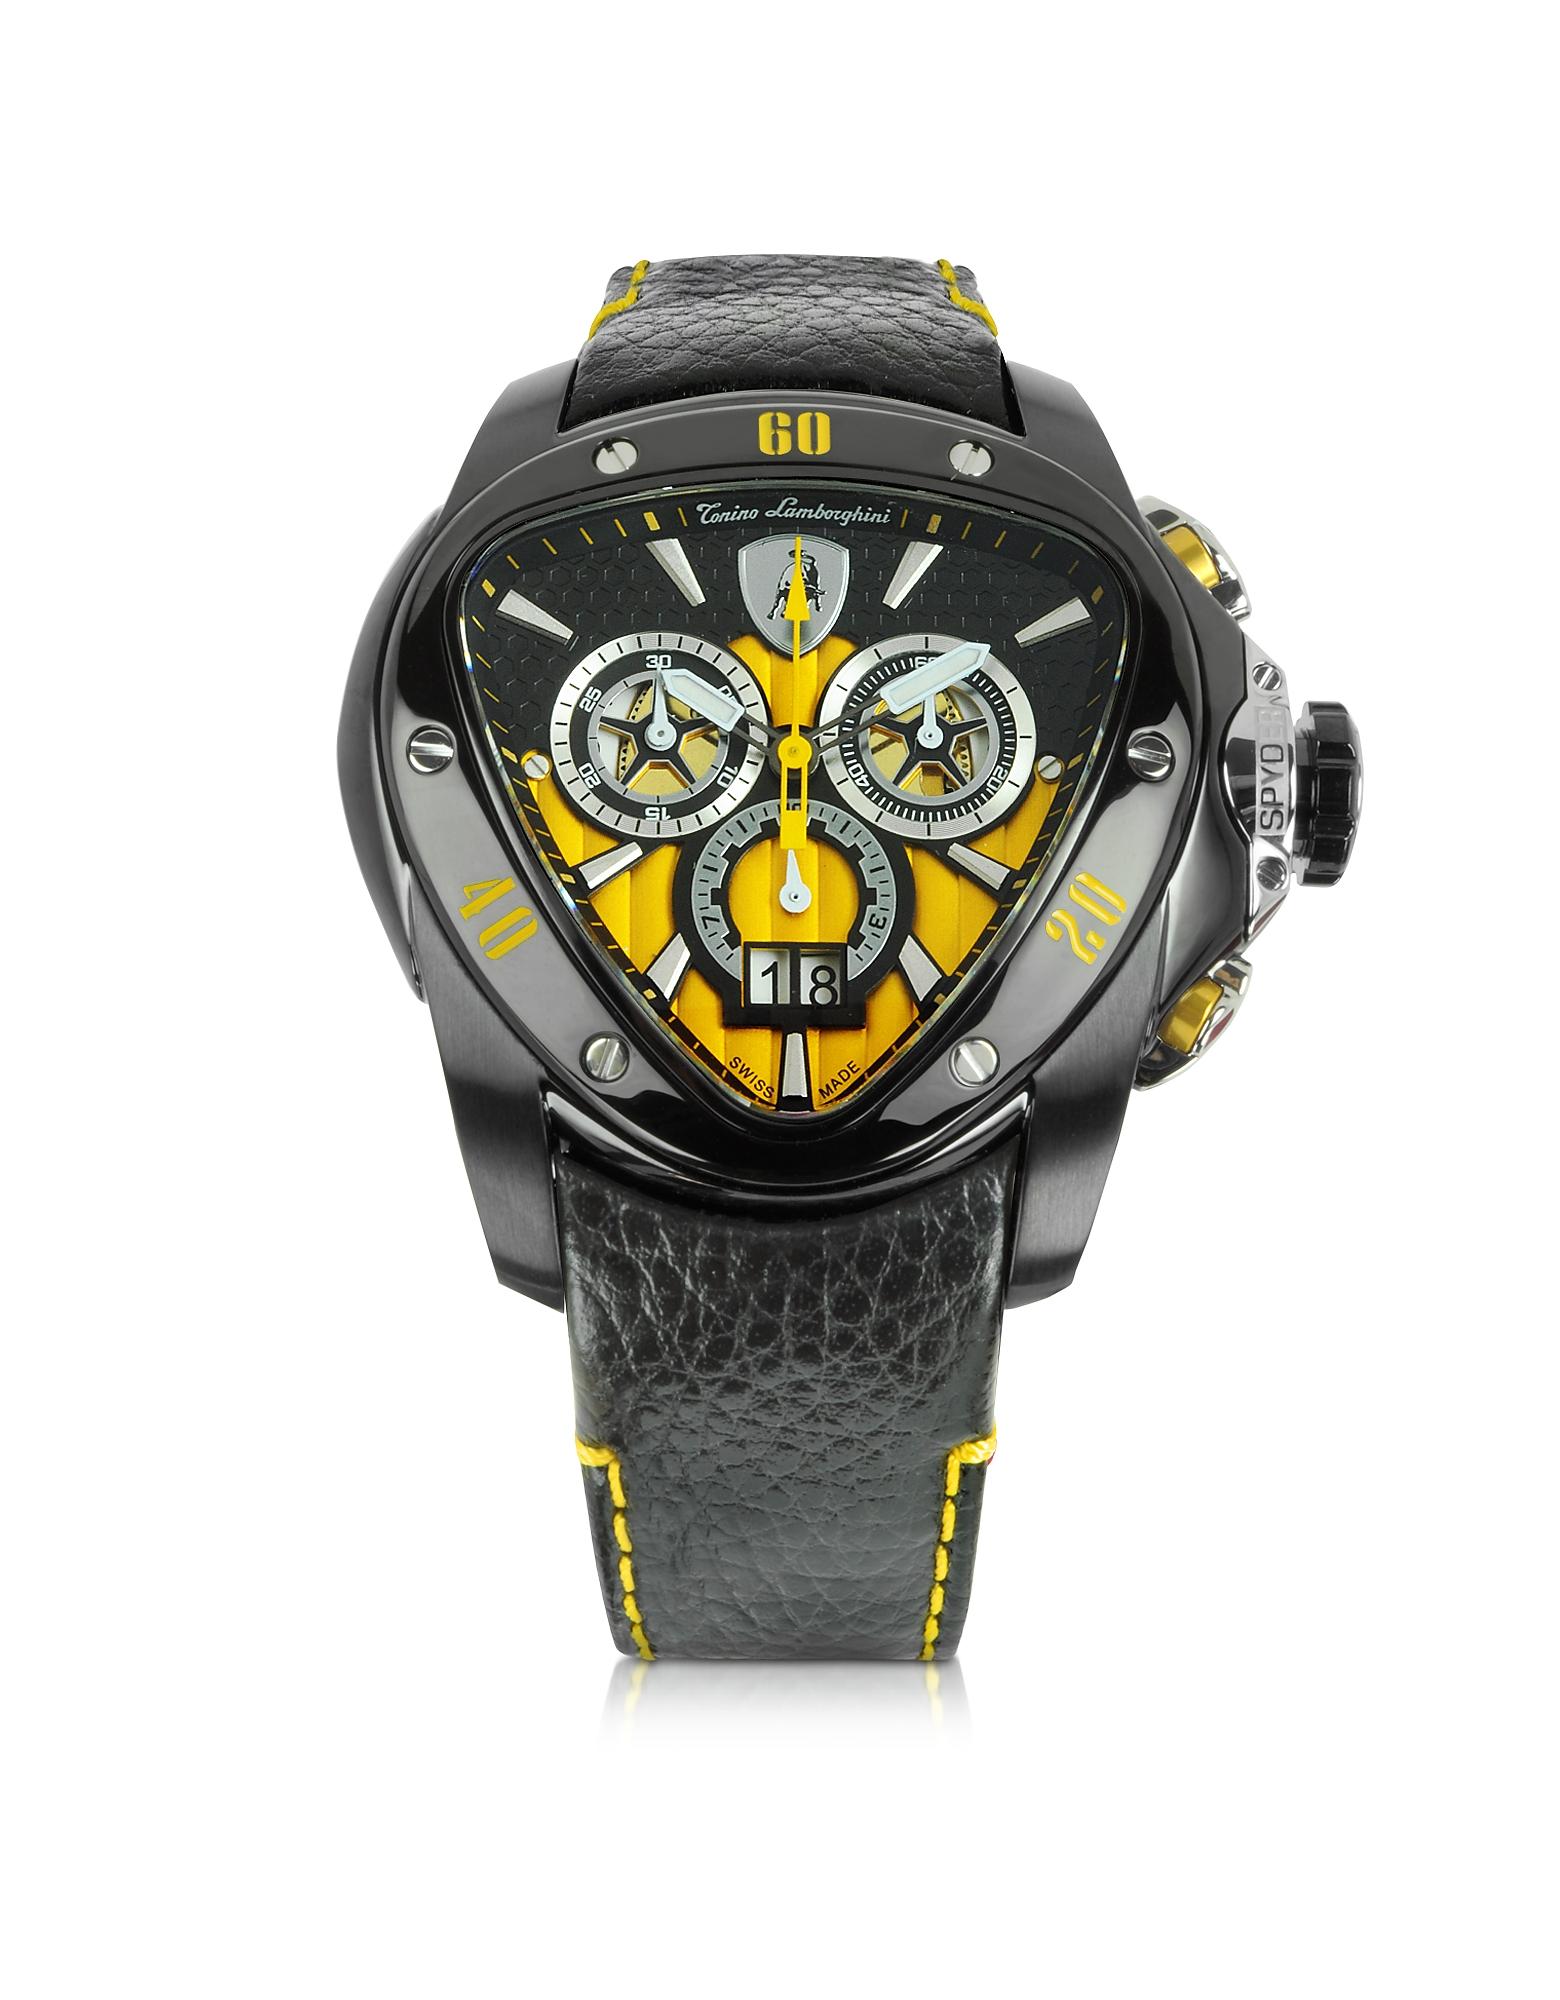 Spyder - Черные Часы Хронограф из Нержавеющей Стали с Желтым Циферблатом